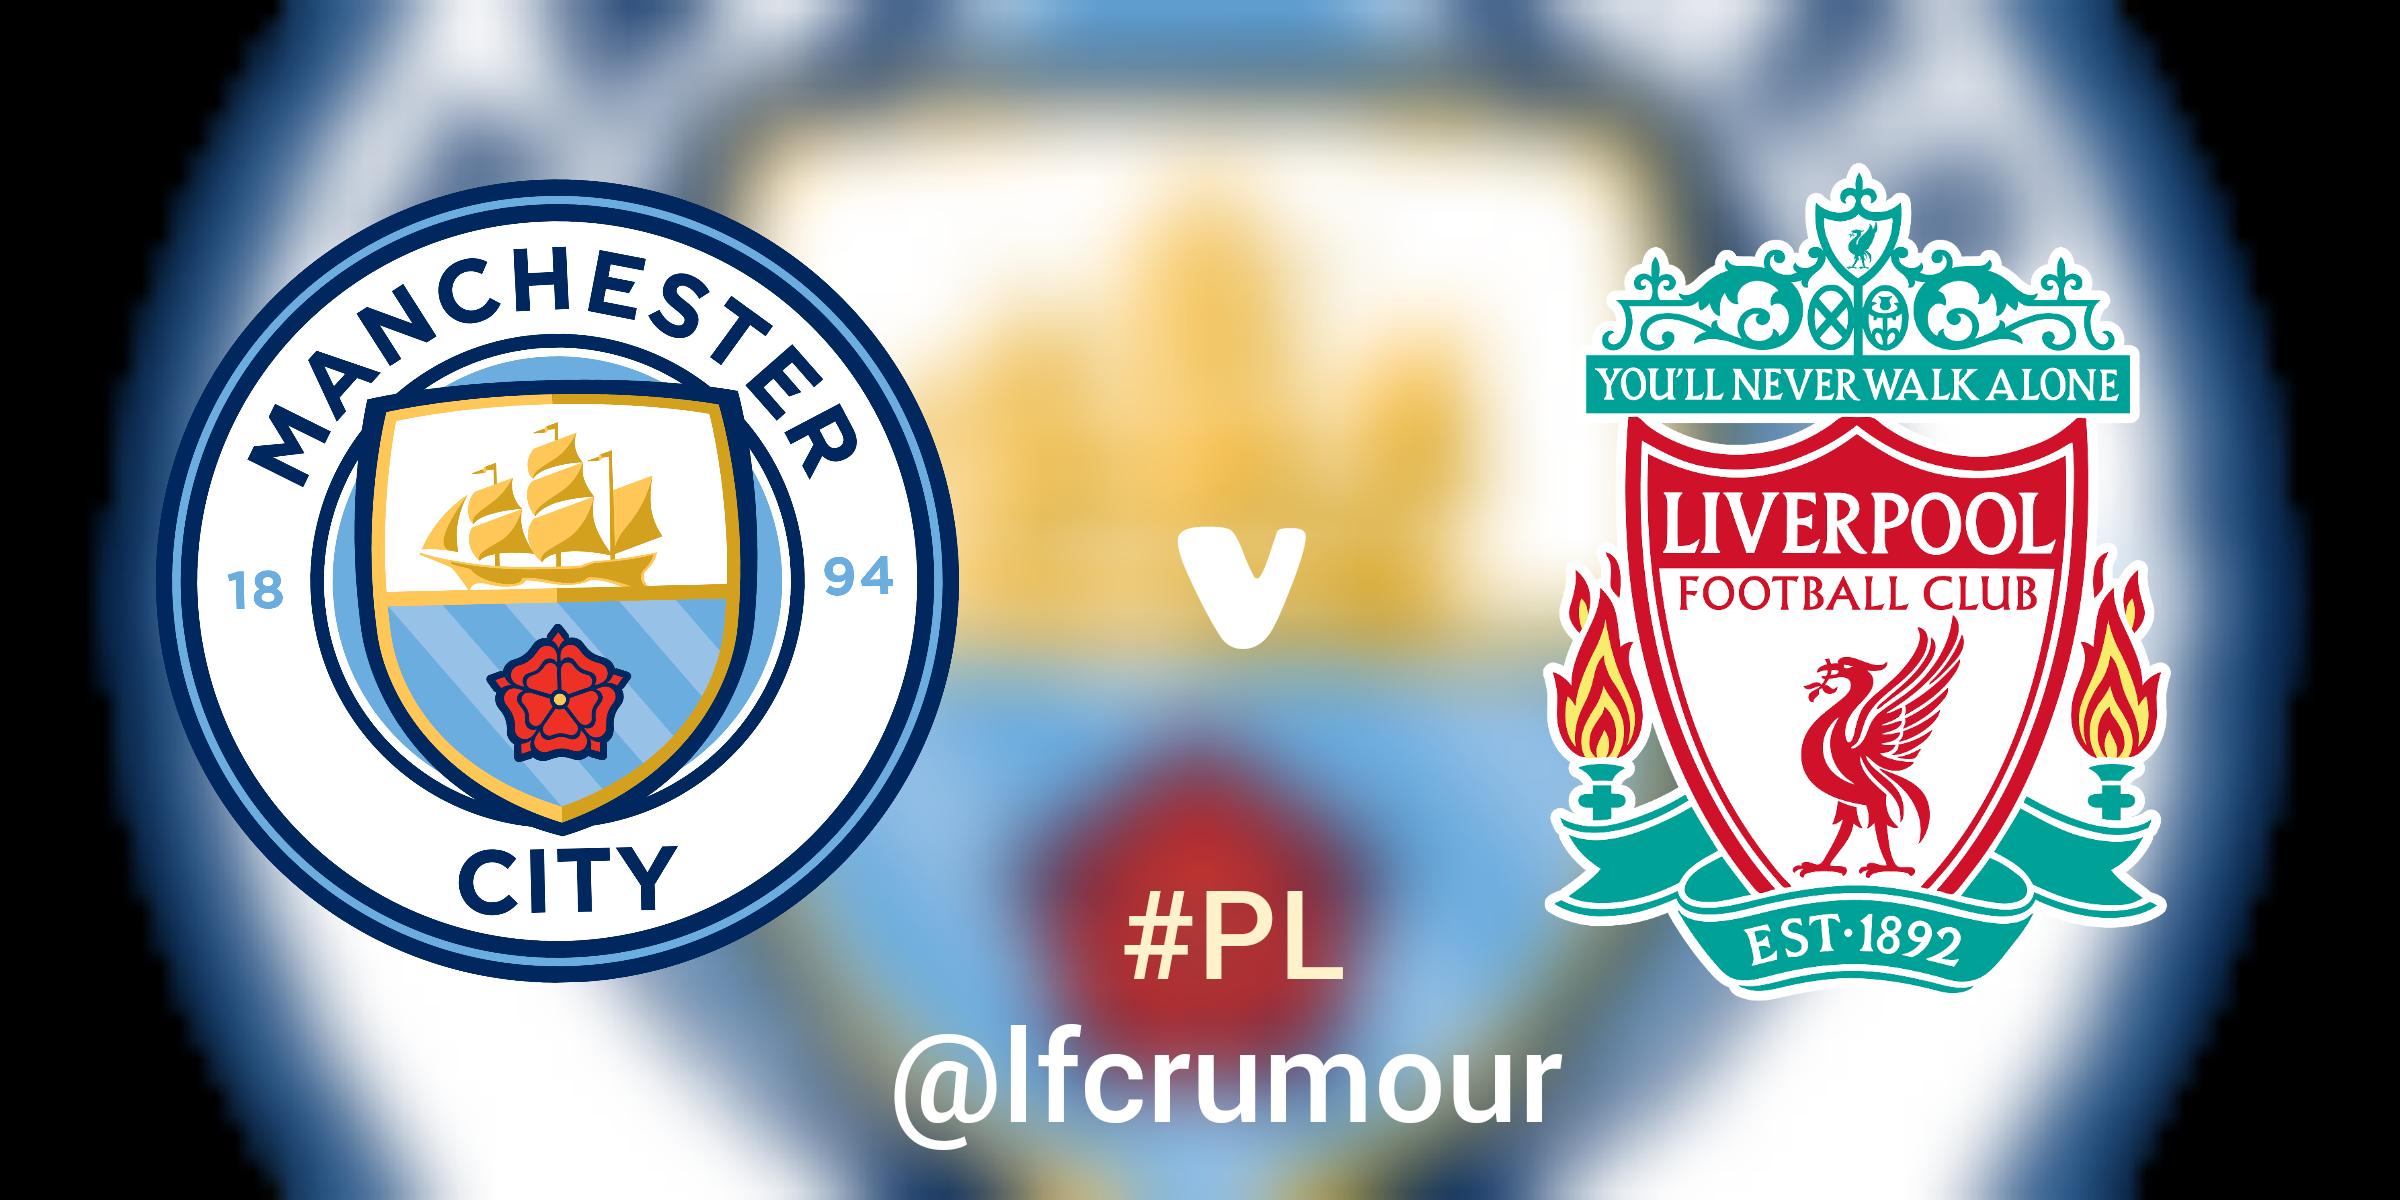 Manchester City vs. Liverpool , Premier League November 8, 2020.